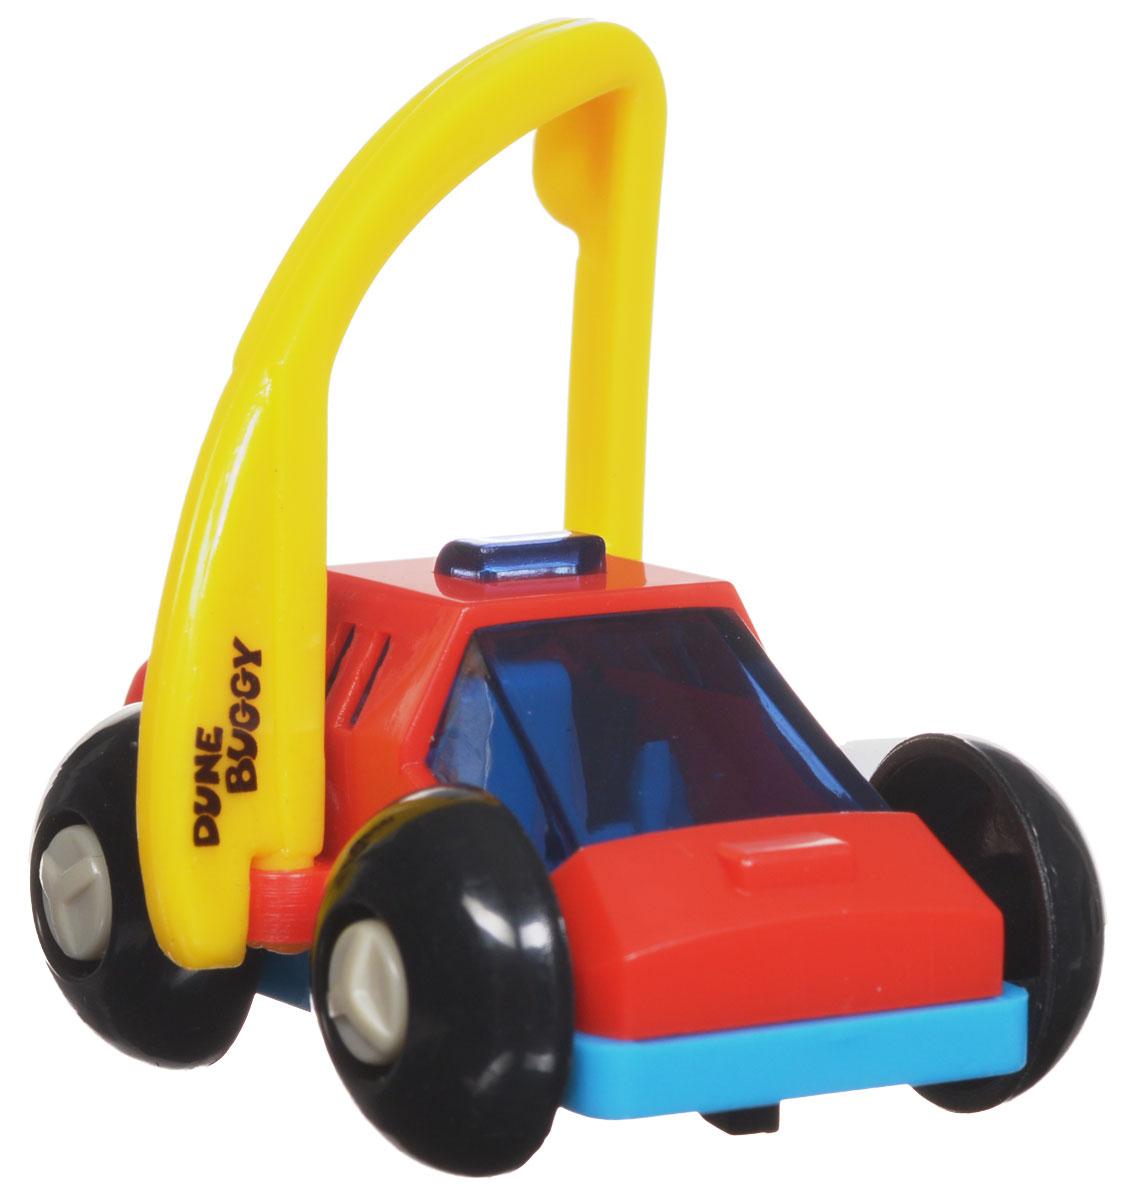 Hans Игрушка заводная Багги цвет красный голубой2K-62BDИгрушка Hans Багги привлечет внимание вашего малыша и не позволит ему скучать! Выполненная из безопасного пластика, игрушка представляет собой забавную машинку. Игрушка имеет механический завод. Для запуска, придерживая колеса, поверните заводной ключ по часовой стрелке до упора. Установите игрушку на поверхность и она поедет вперед, так же во время движения машинка поднимается на задние колеса. Заводная игрушка Hans Багги поможет ребенку в развитии воображения, мелкой моторики рук, концентрации внимания и цветового восприятия.